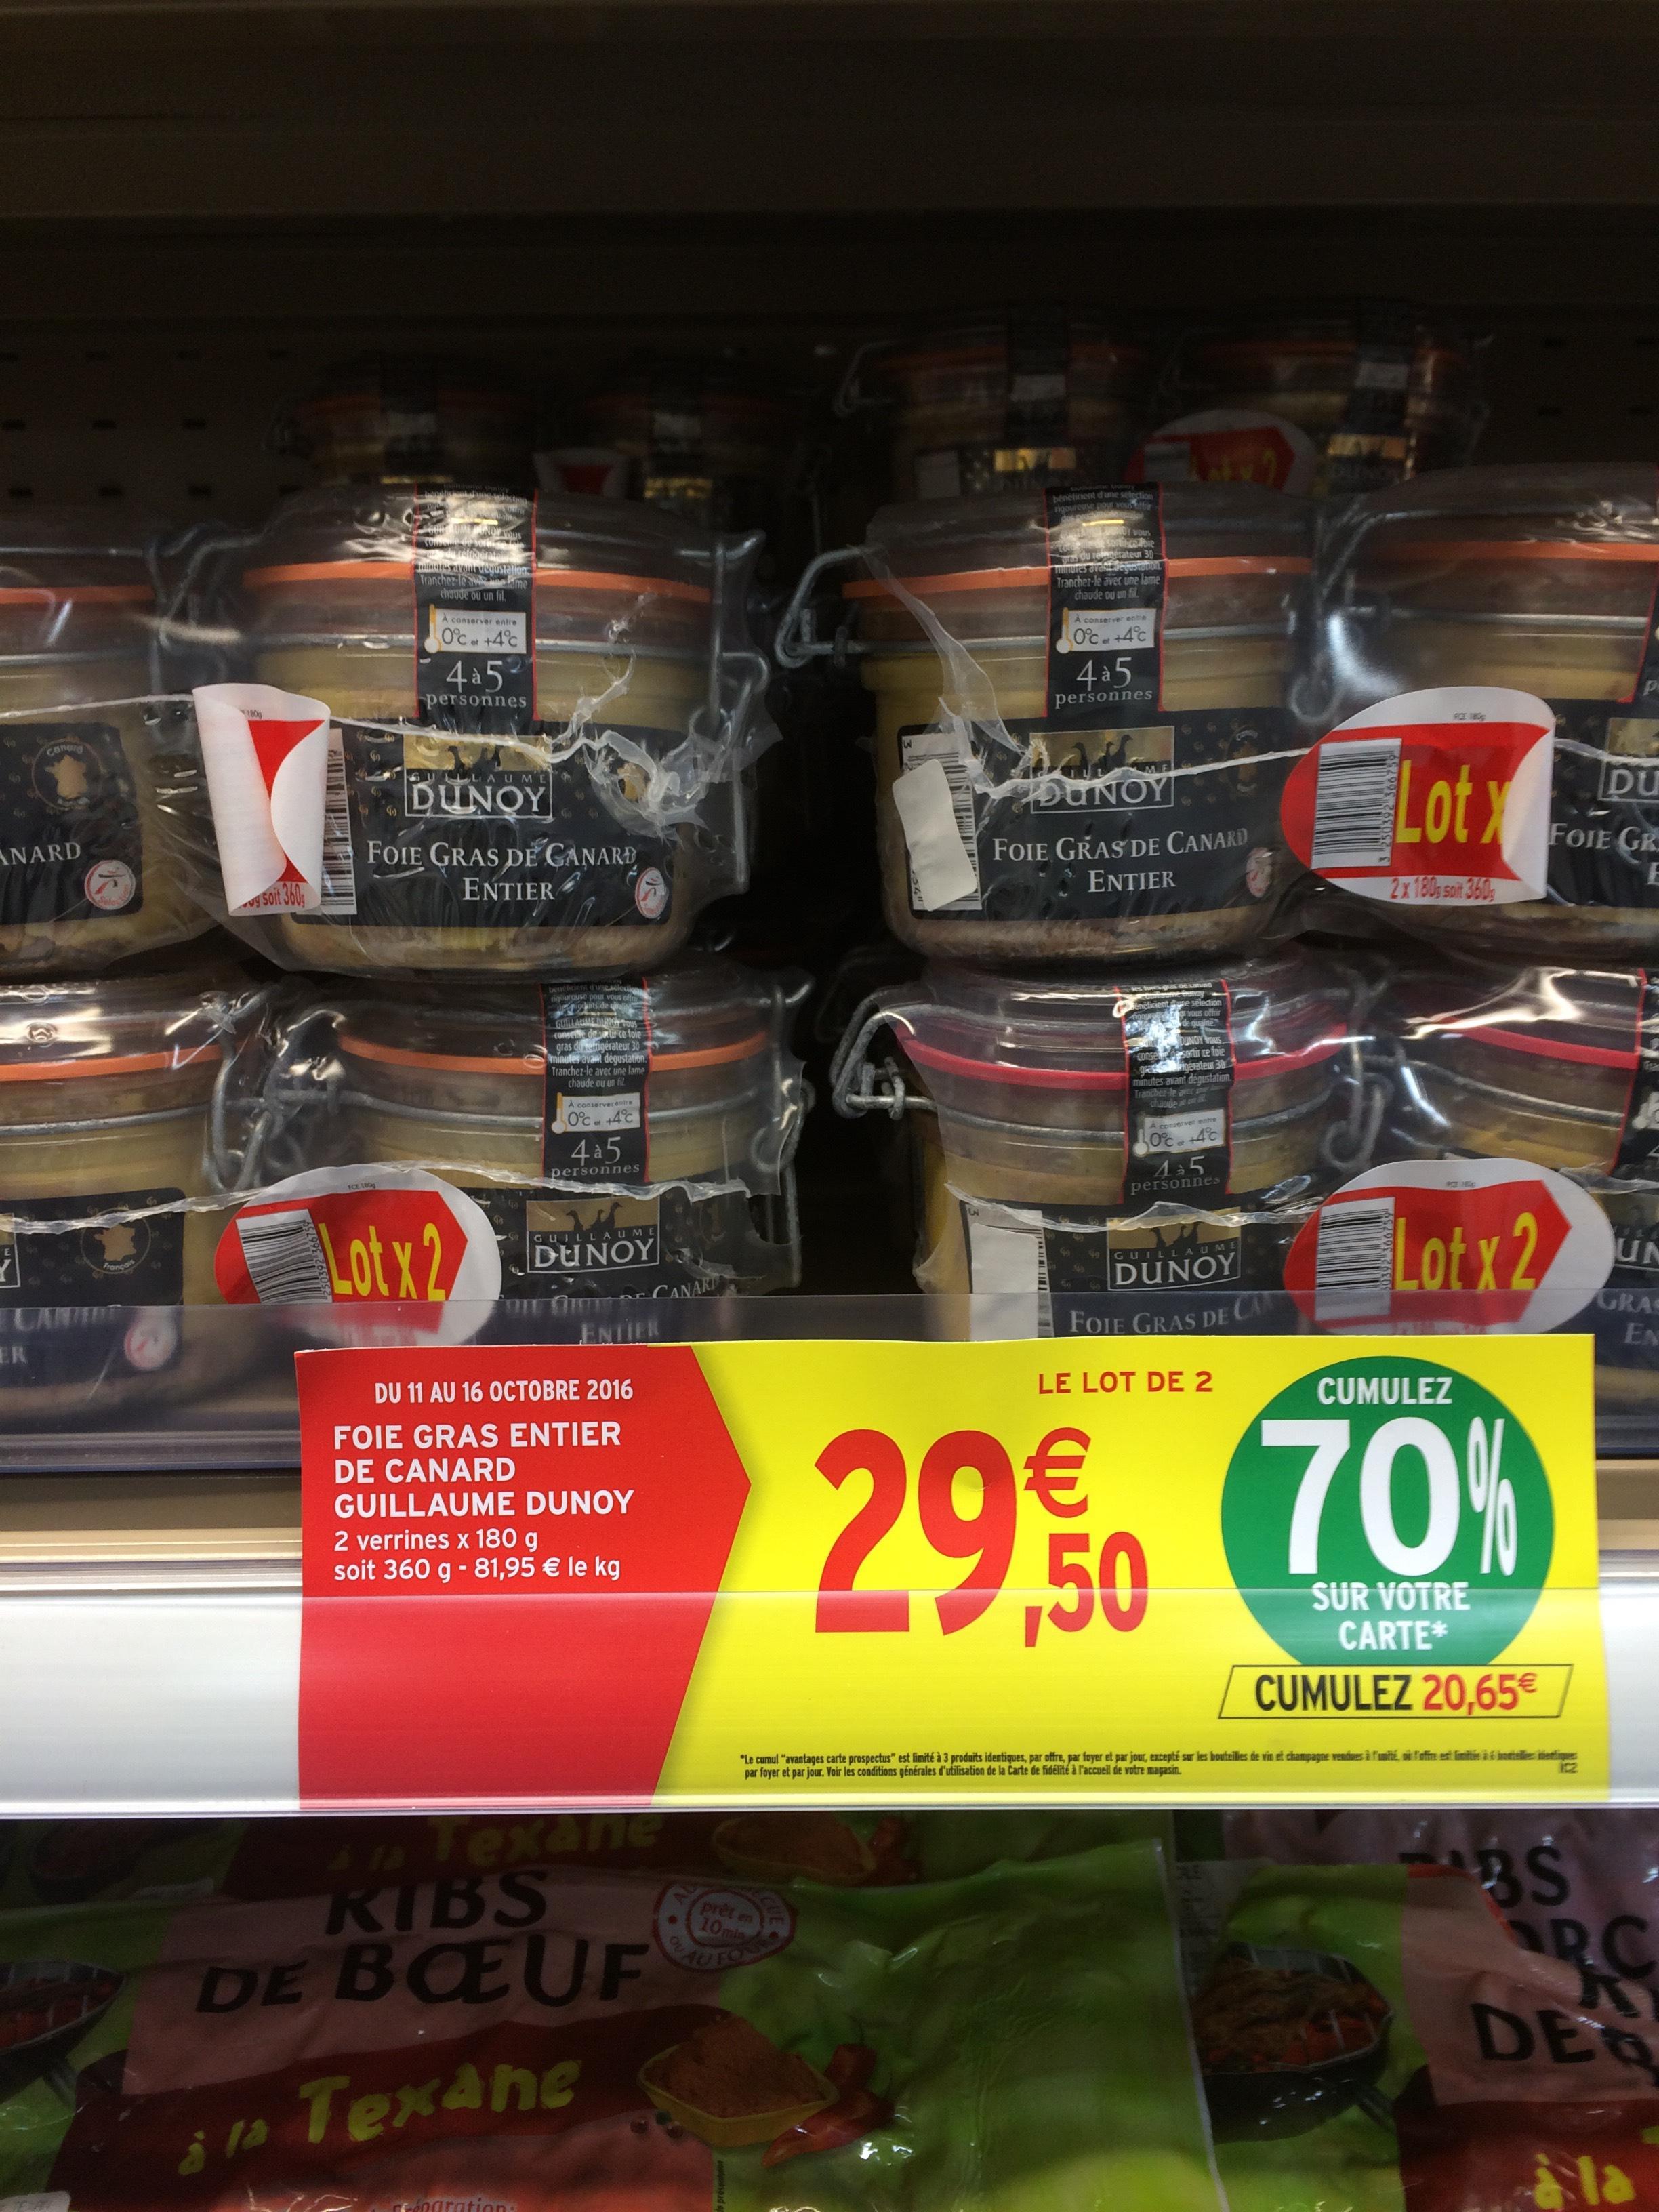 Foie gras de canard entier Guillaume Dunoy - 2x180g (via 20,65€ crédités sur la carte)